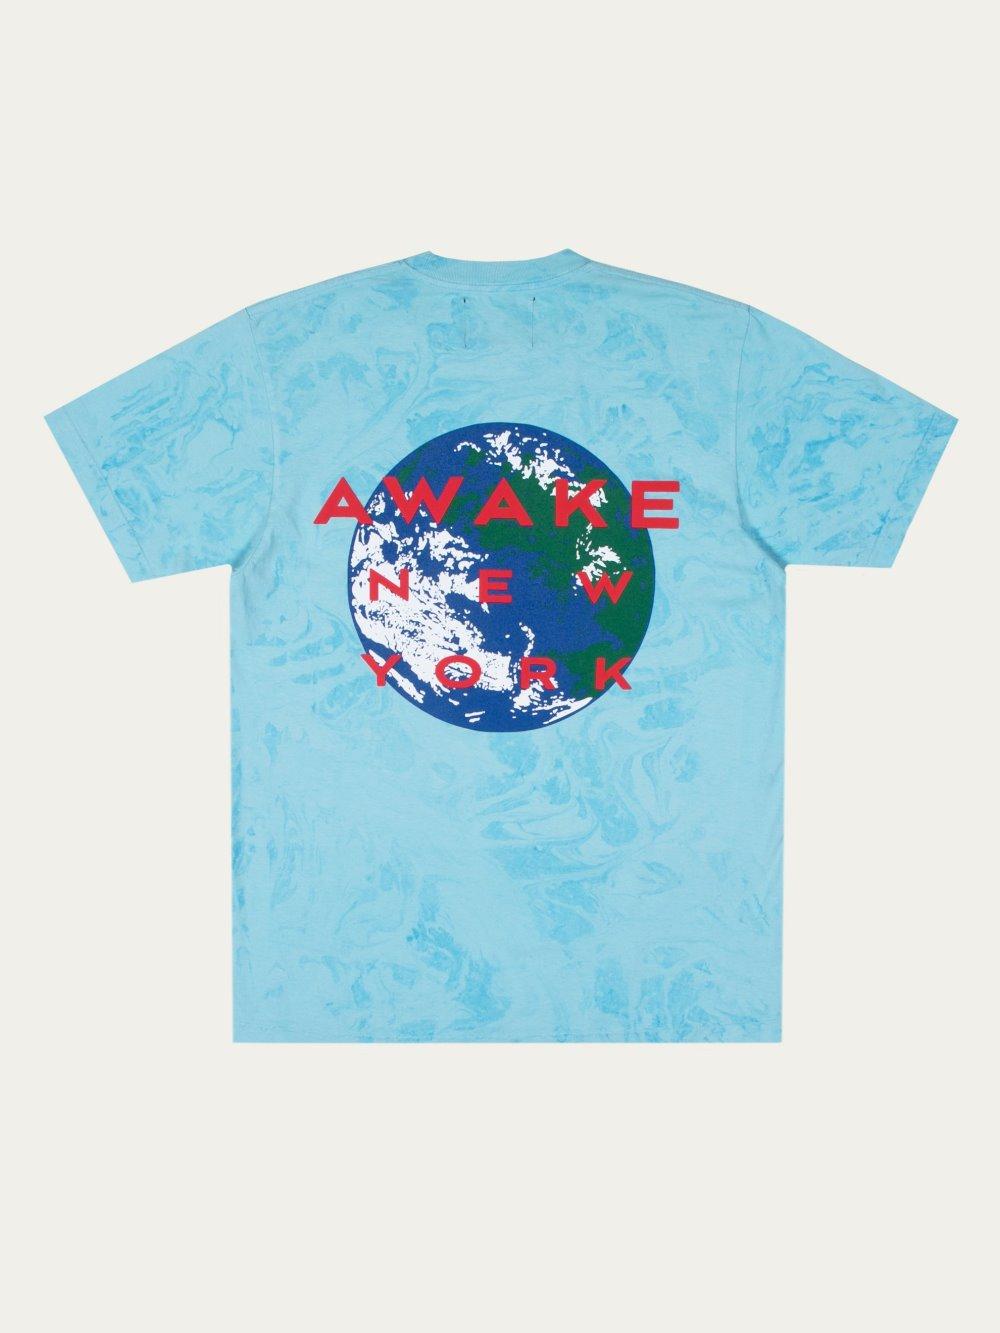 Awake NYX Eco Life Tee Blue 1